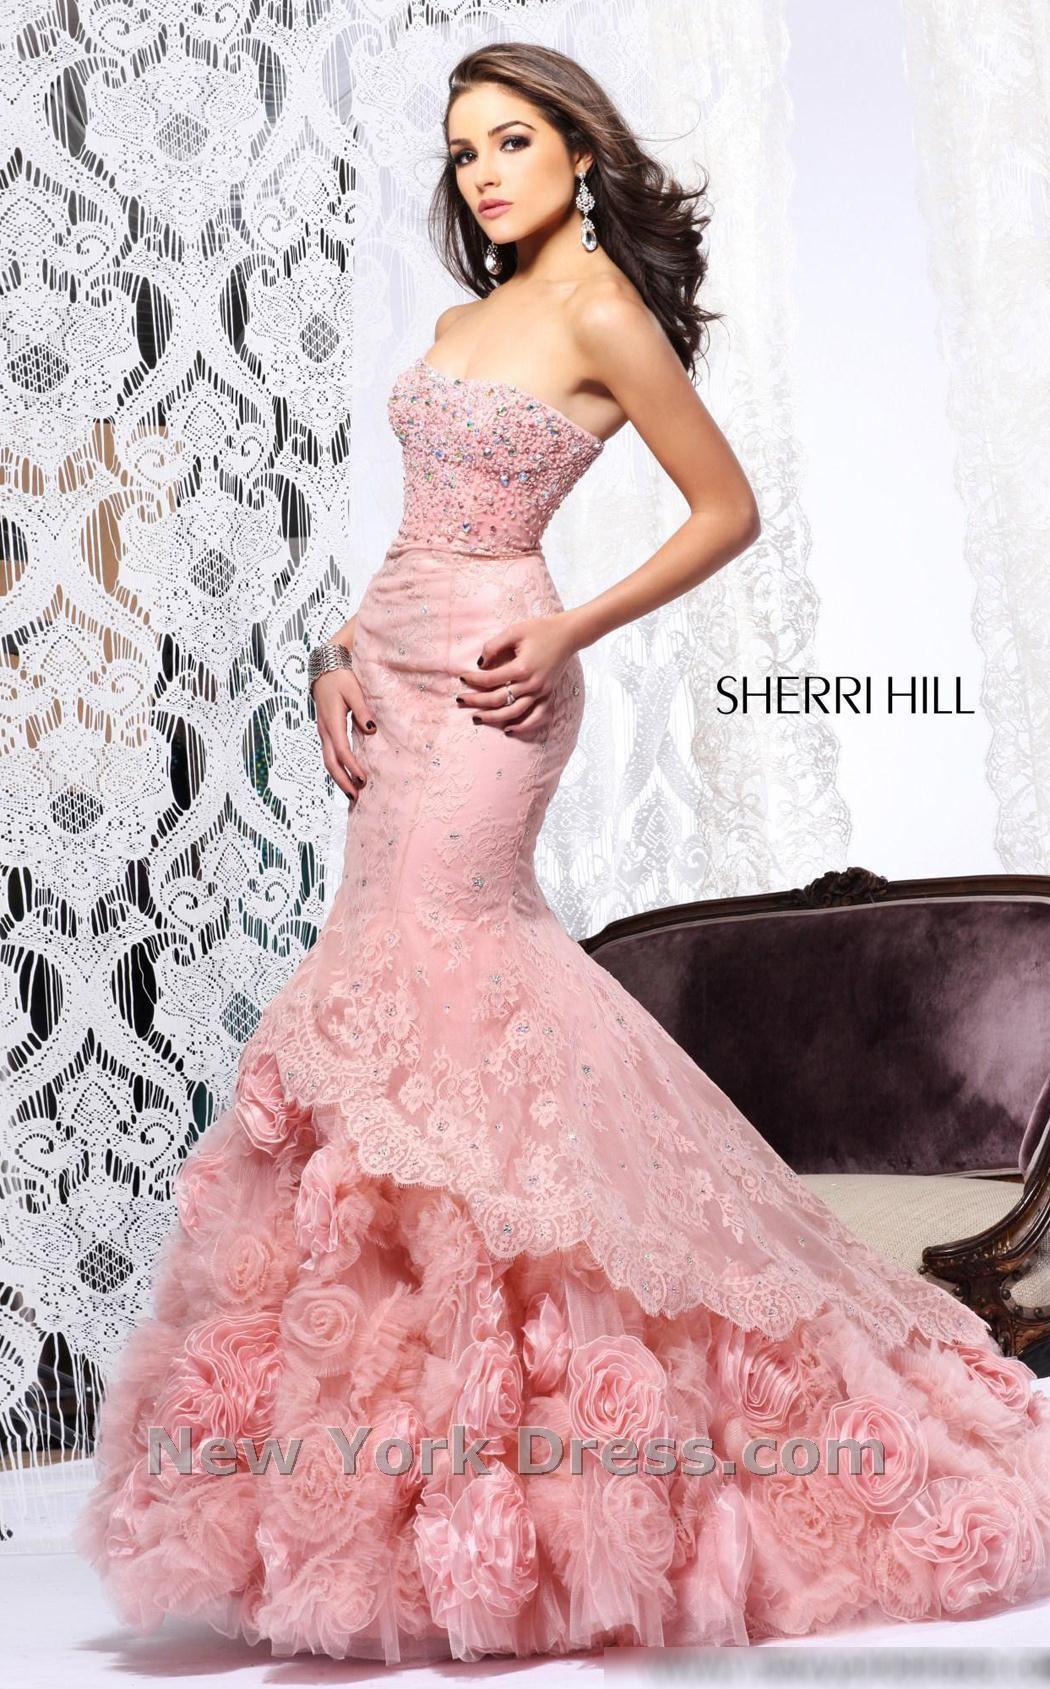 Excepcional Prom Red Hill Vestido De Sherri Patrón - Colección de ...